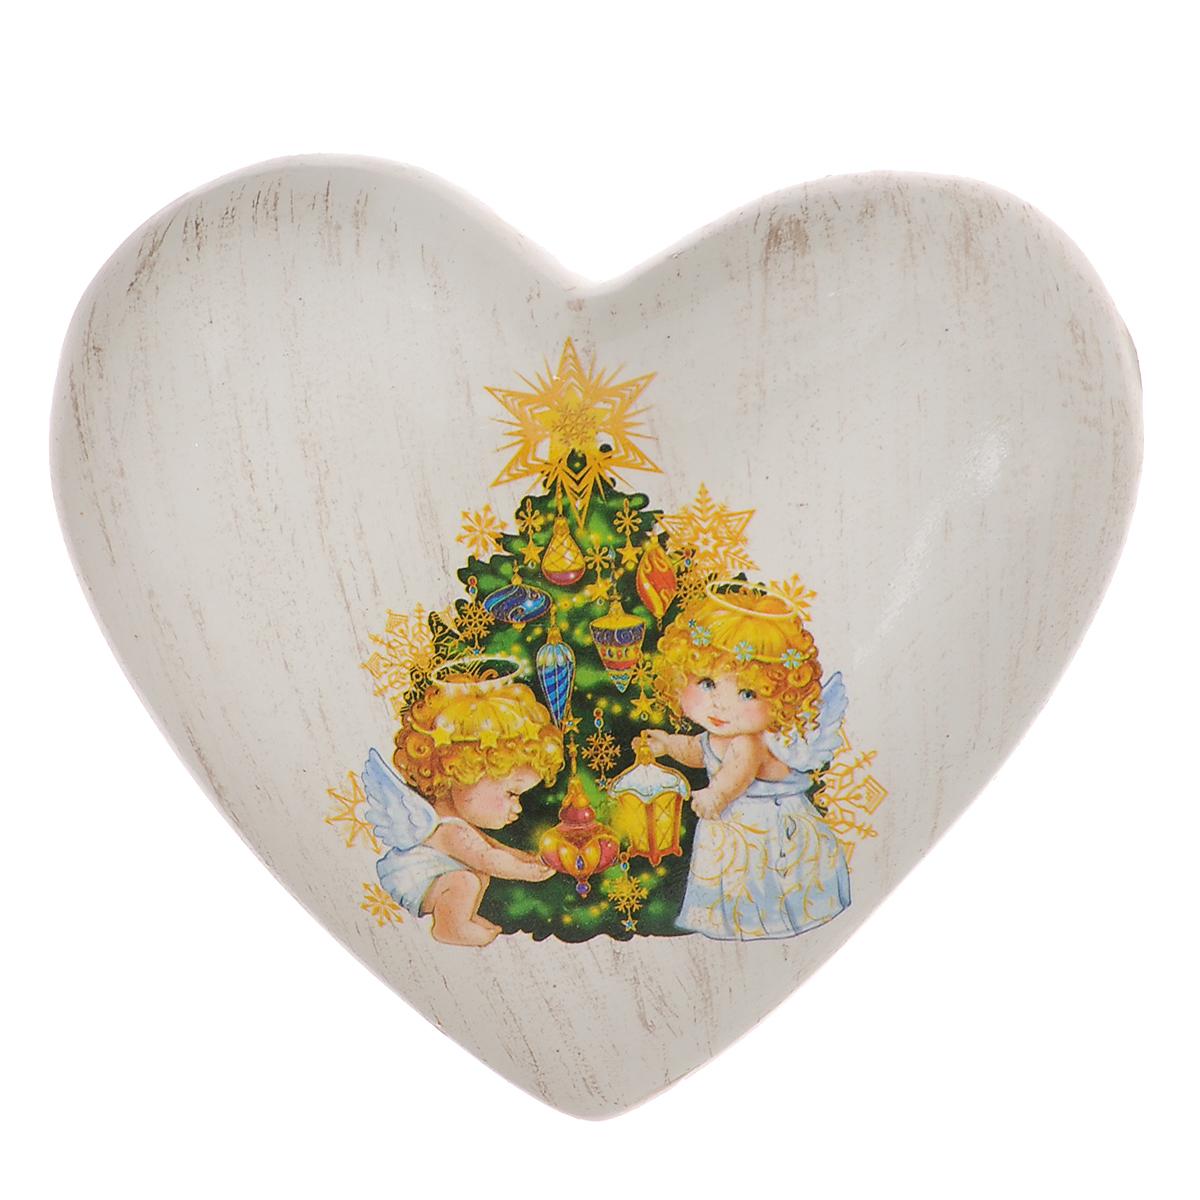 Украшение декоративное Новогоднее сердце. 2607126071Декоративное украшение Новогоднее сердце поможет украсить дом к праздникам. Фигурка выполнена из керамики в форме сердца и оформлена изображением двух ангелочков, украшающих новогоднюю елку. Вы можете поставить украшение в любом месте, где оно будет удачно смотреться, и радовать глаз. Так же фигурку можно повесить на стену с помощью специального отверстия. Такое украшение станет великолепным новогодним сувениром.